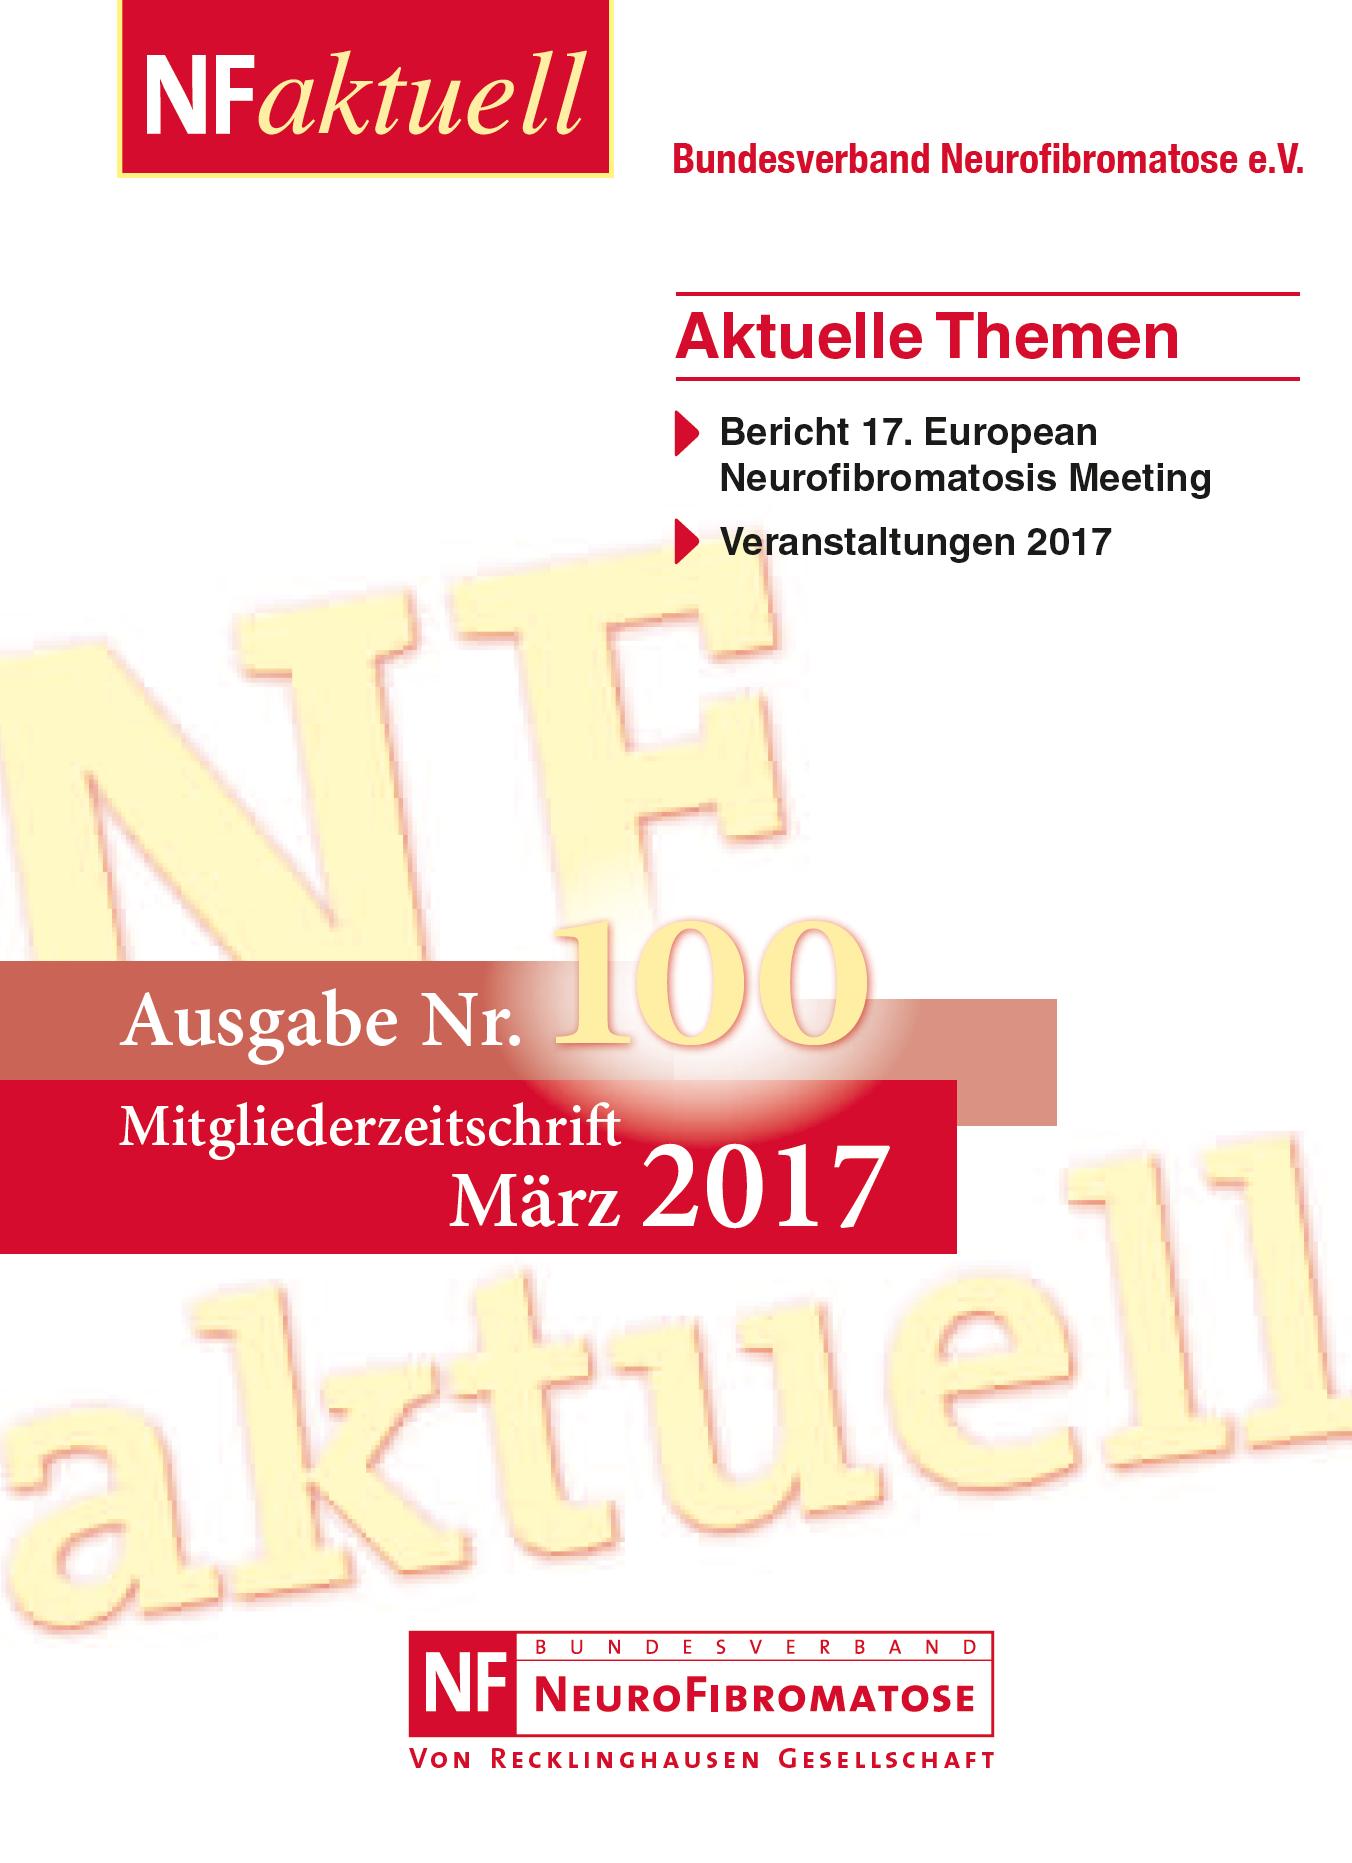 NFaktuell-100-Maerz-2017-titel